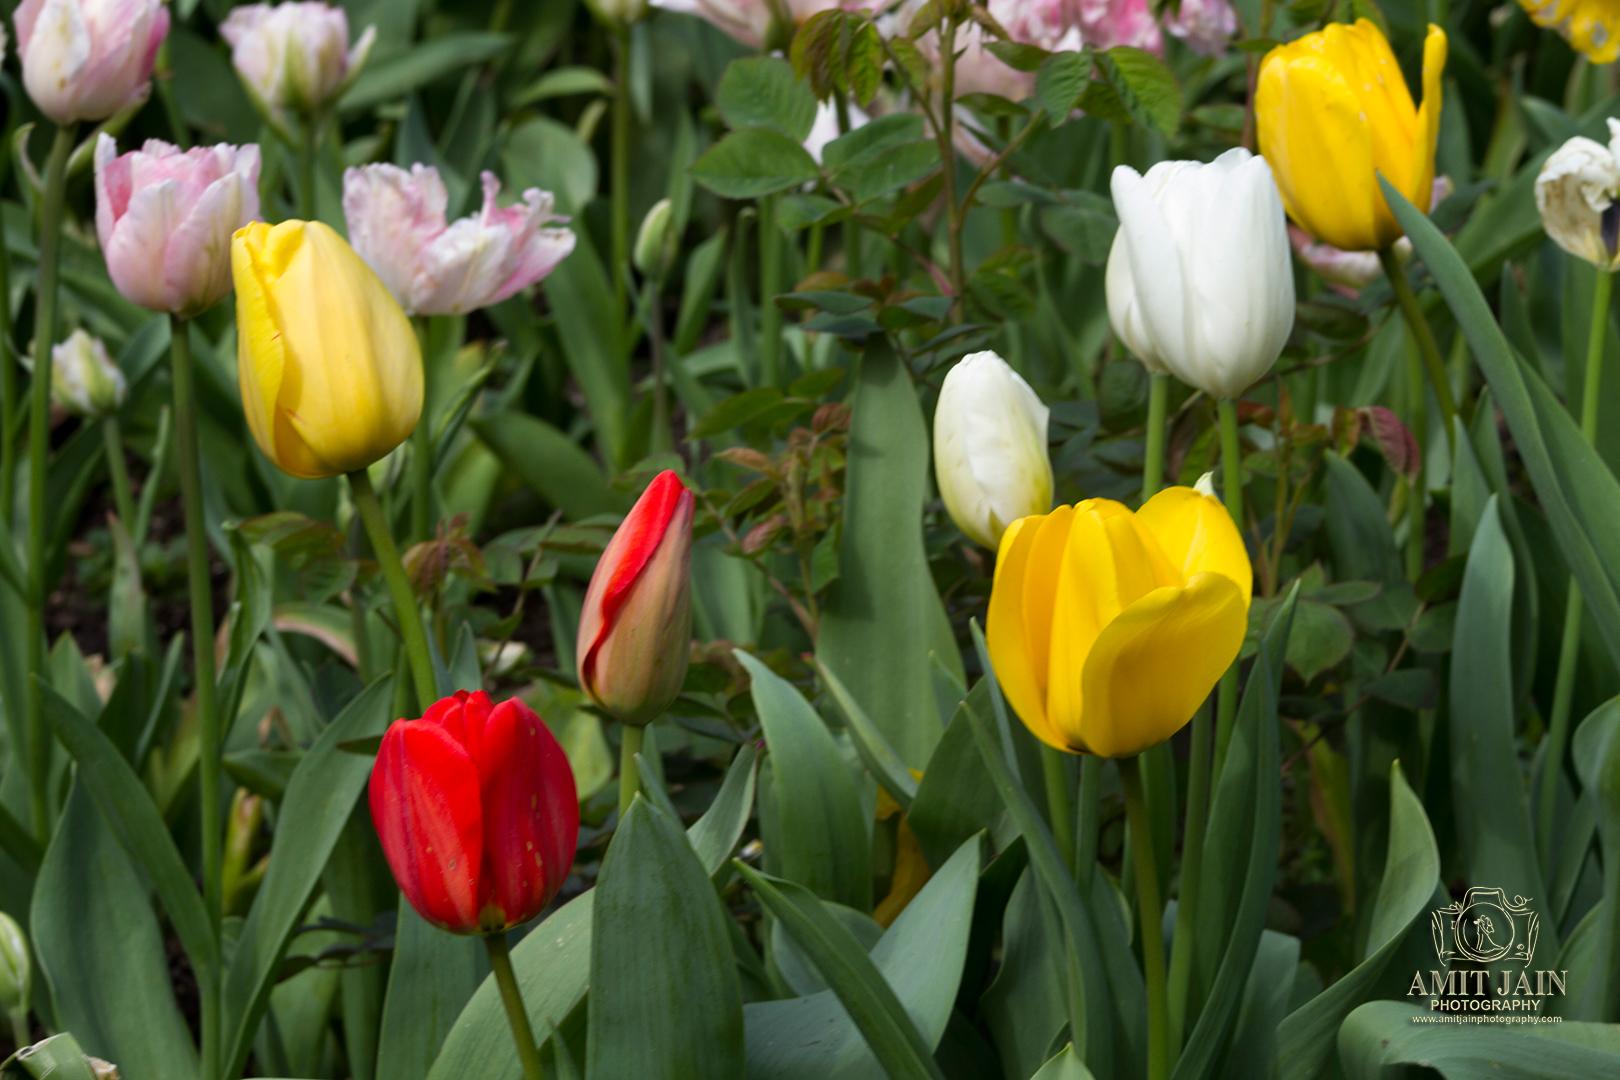 Tulip Festival - Full Bloom Tulips - Eden Garden